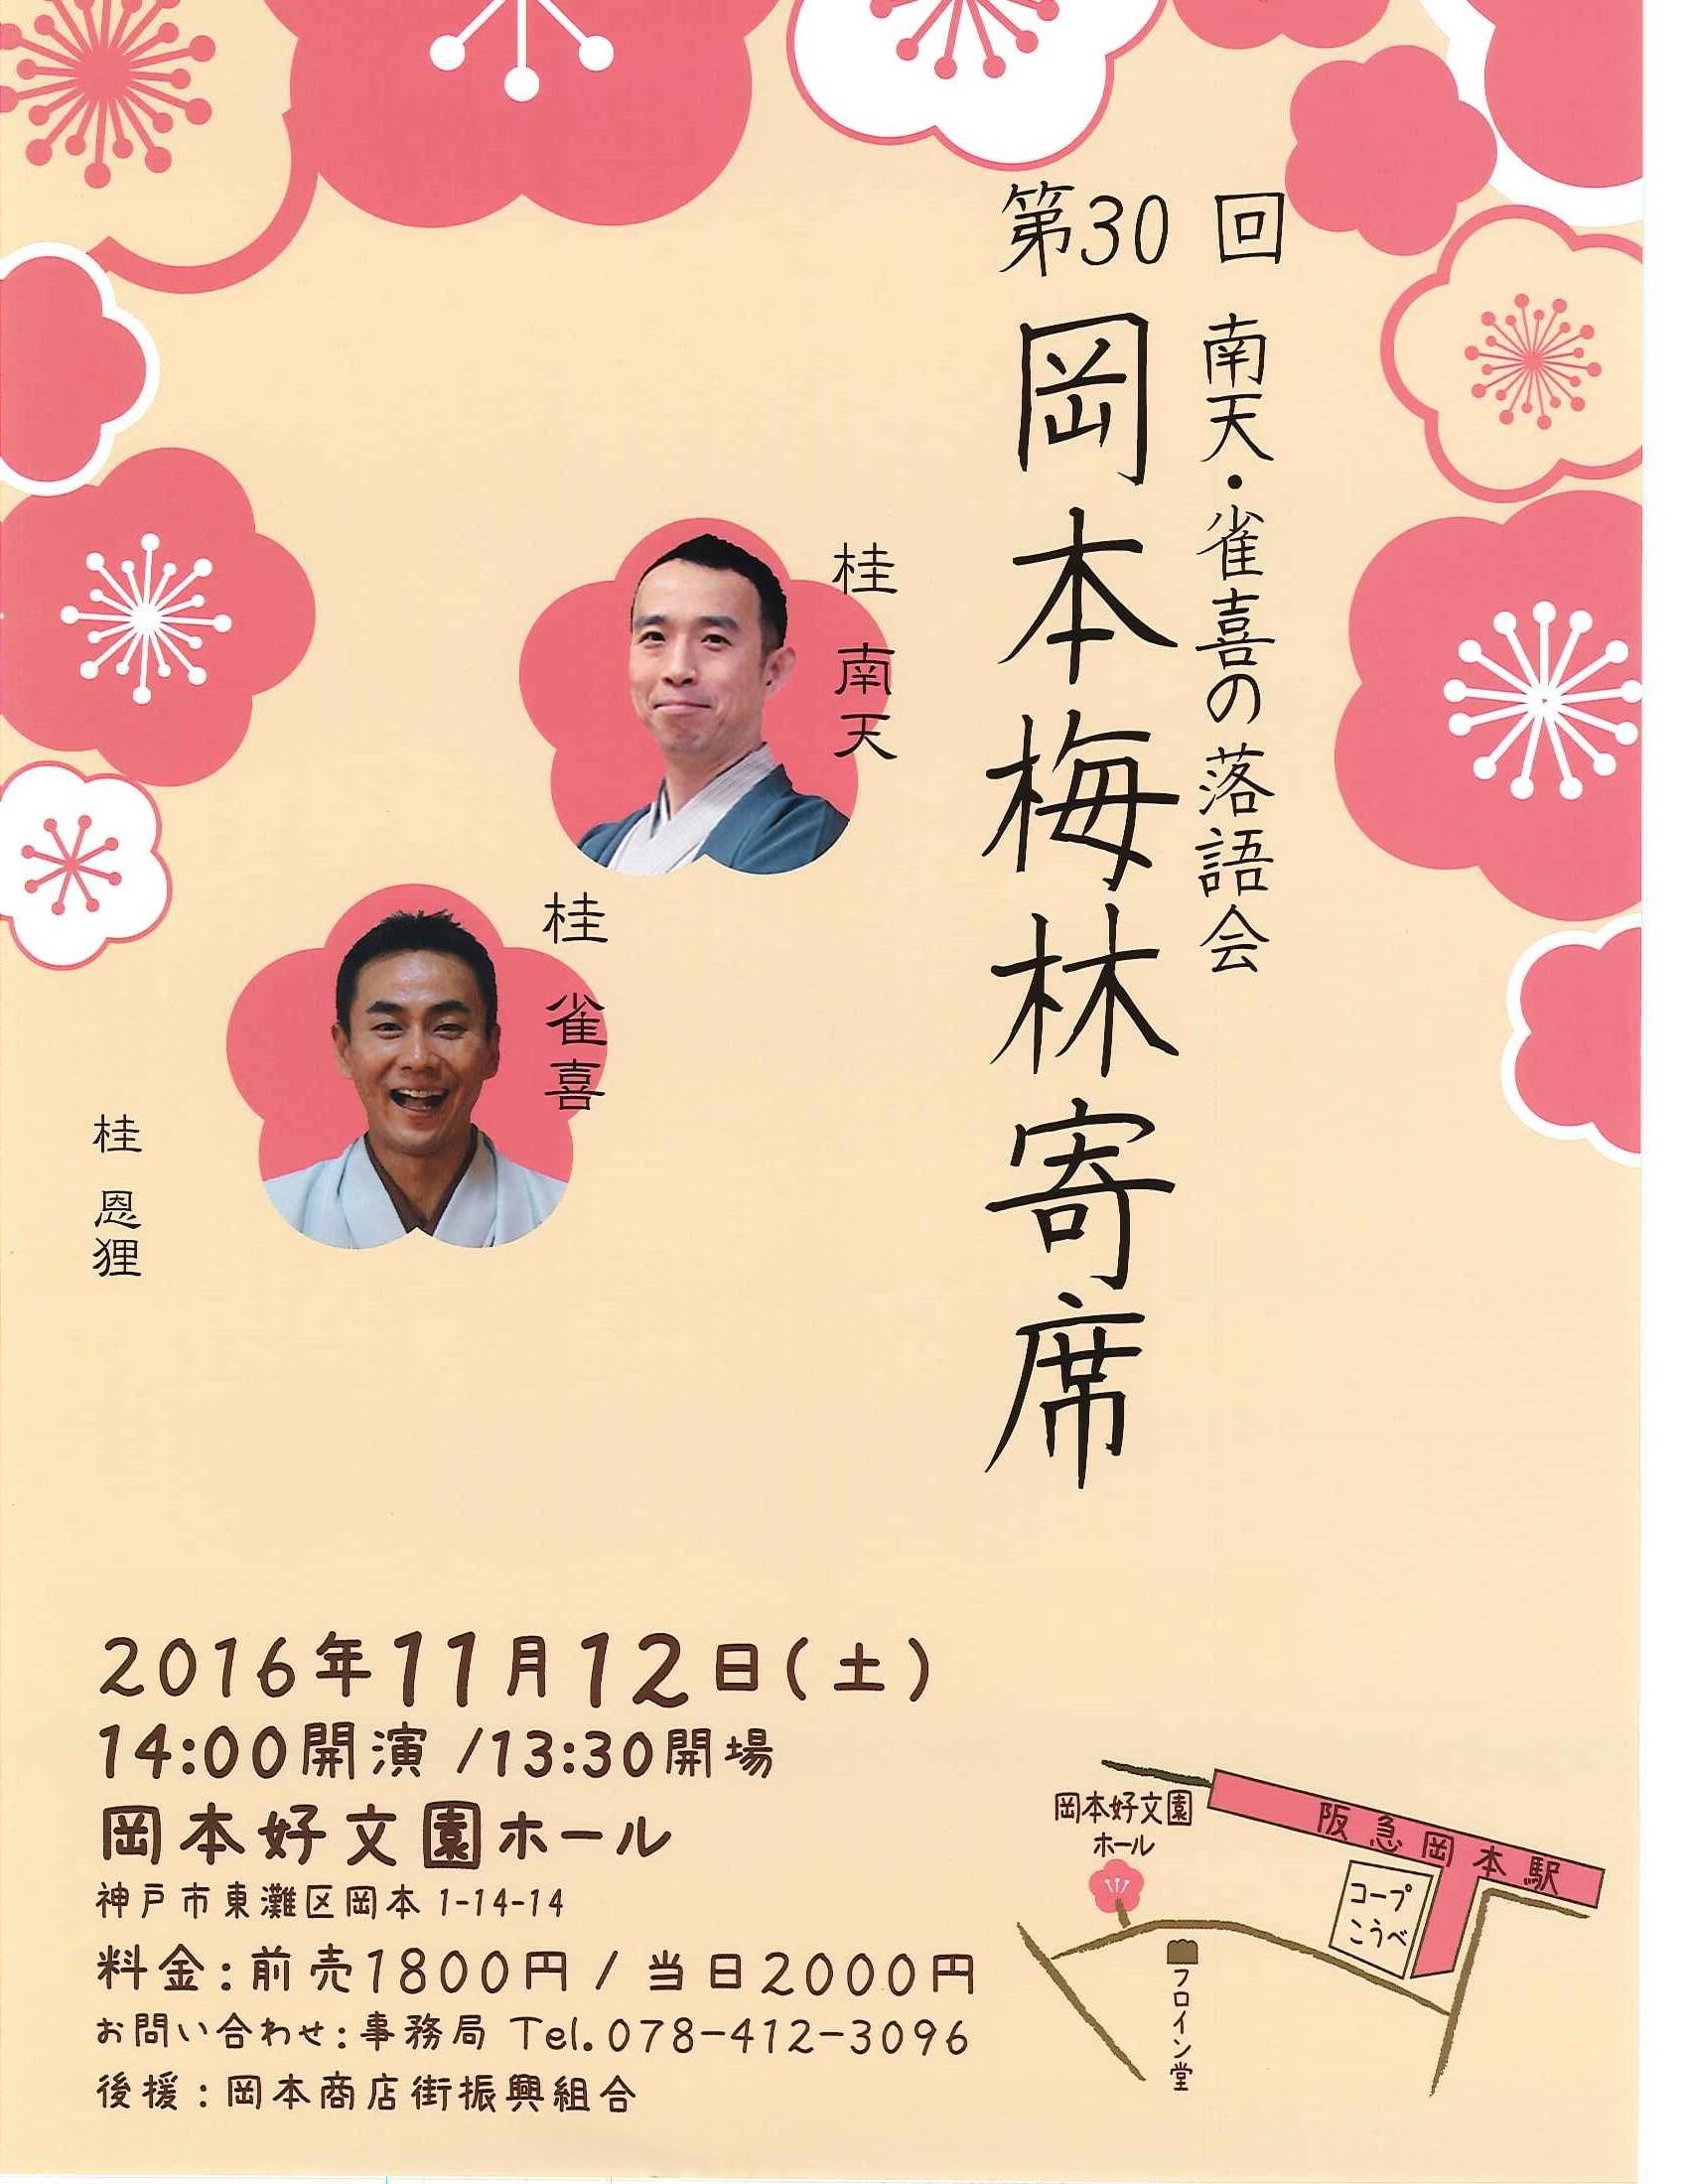 「第30回岡本梅林寄席~南天・雀喜の落語会」が神戸・岡本好文園ホールで開催されるよ【告知】